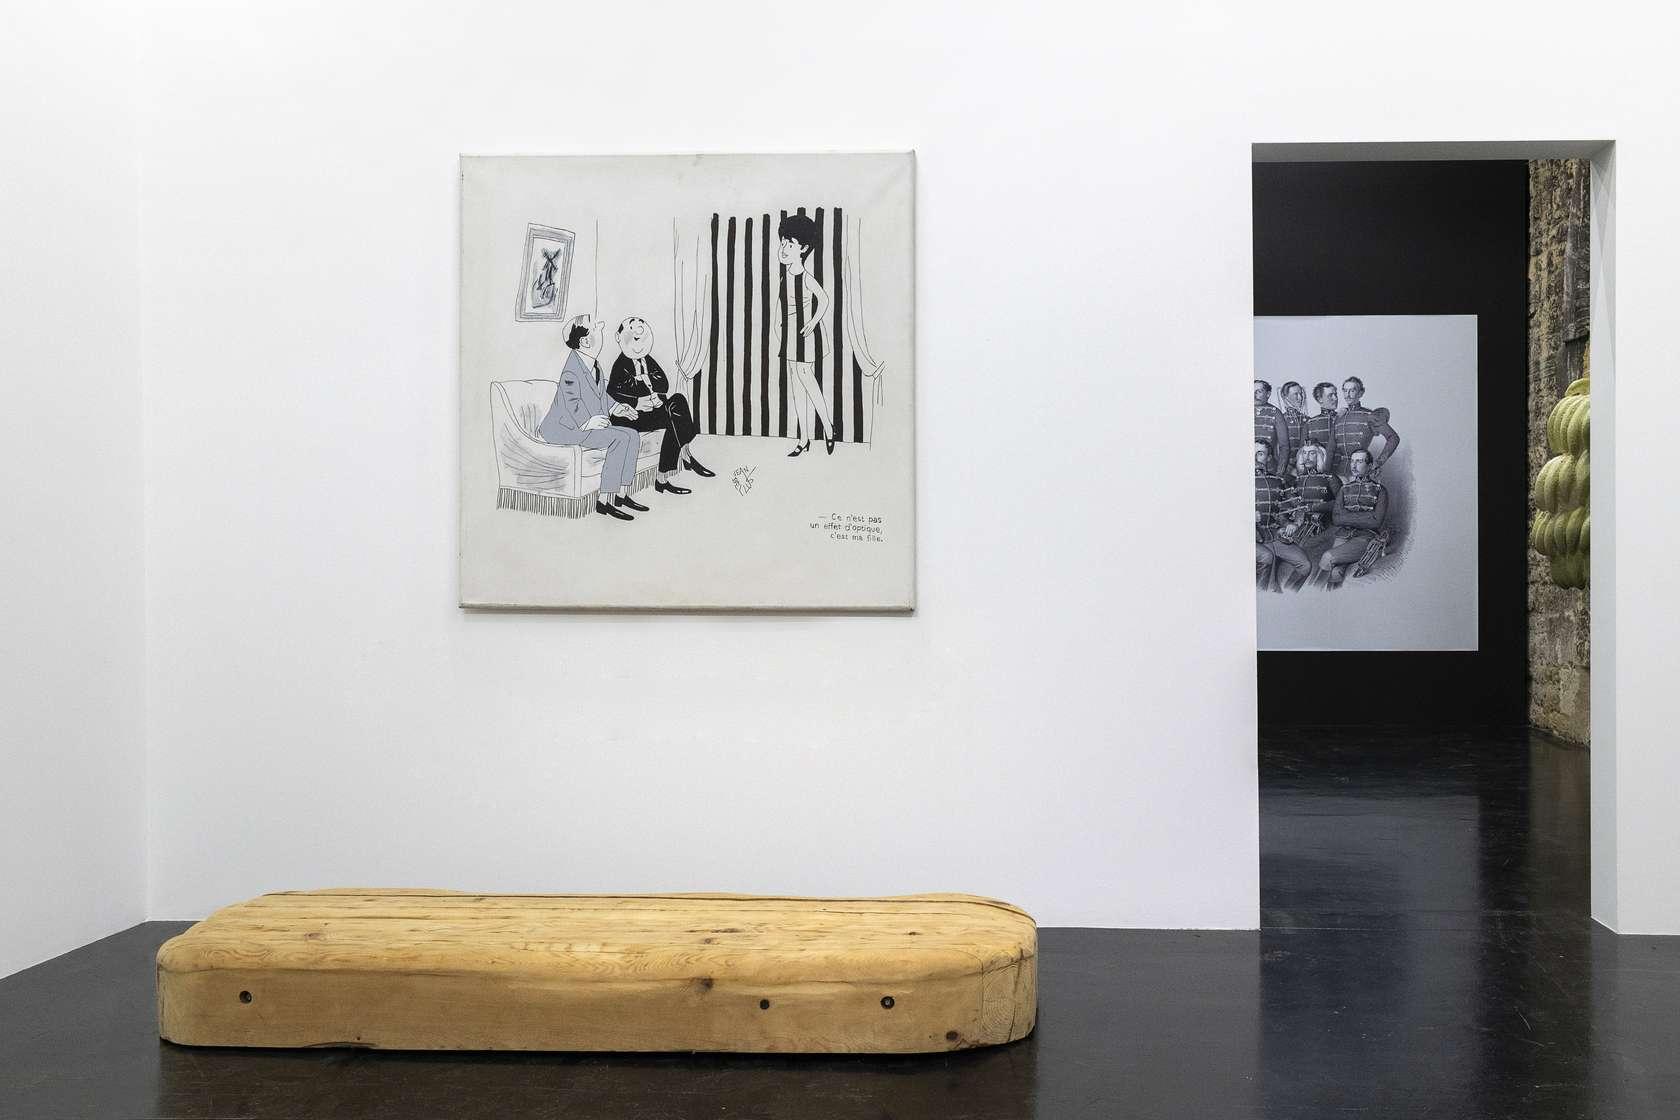 Laurent Le Deunff & Présence Panchounette LLD et PP - Coïncidence(s) Nouvelles acquisitions 2008-2018  CAPC musée d'art contemporain de Bordeaux (FR) 1er décembre 2018 — 20 janvier 2019